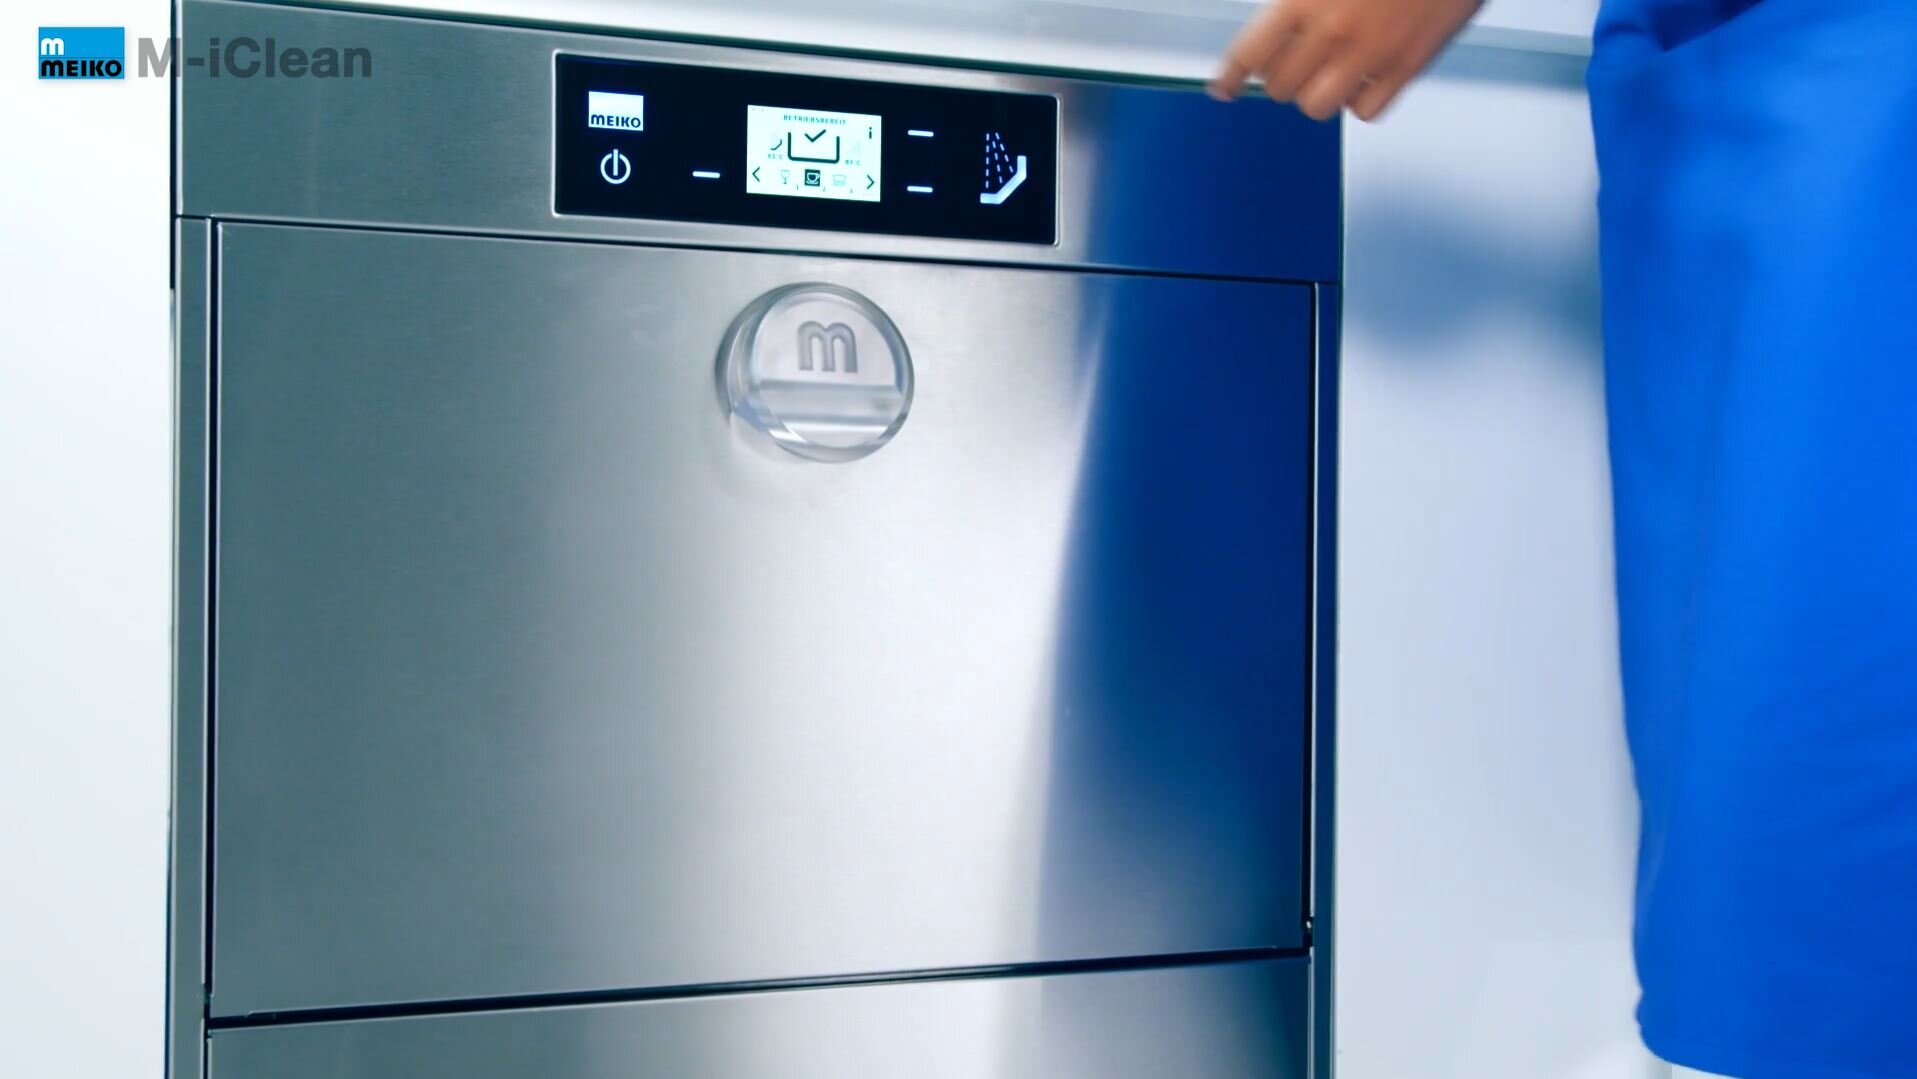 La beauté du lavage en action - M-iClean